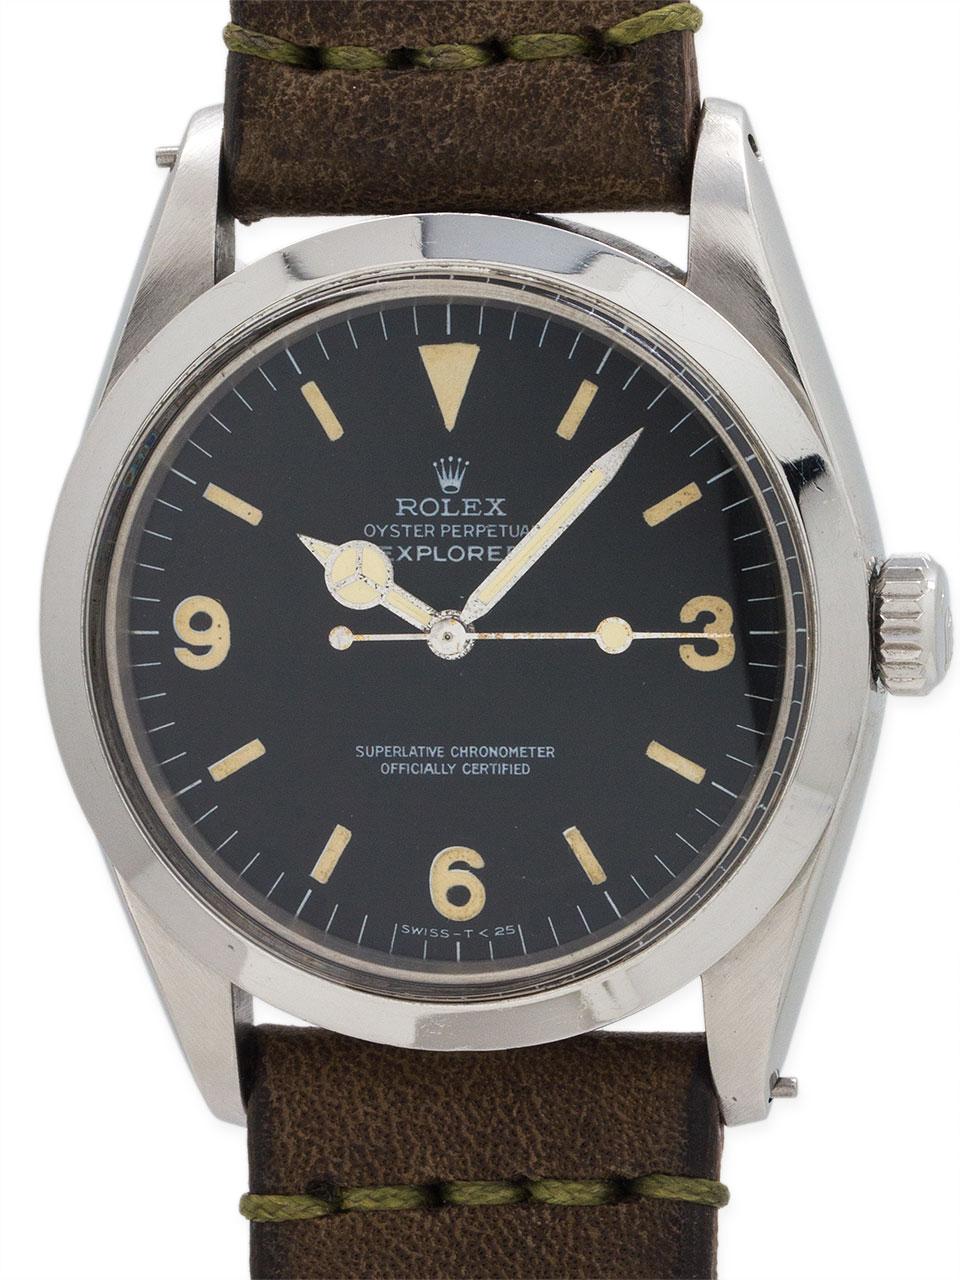 Rolex Explorer 1 ref 1016 Stainless Steel circa 1986